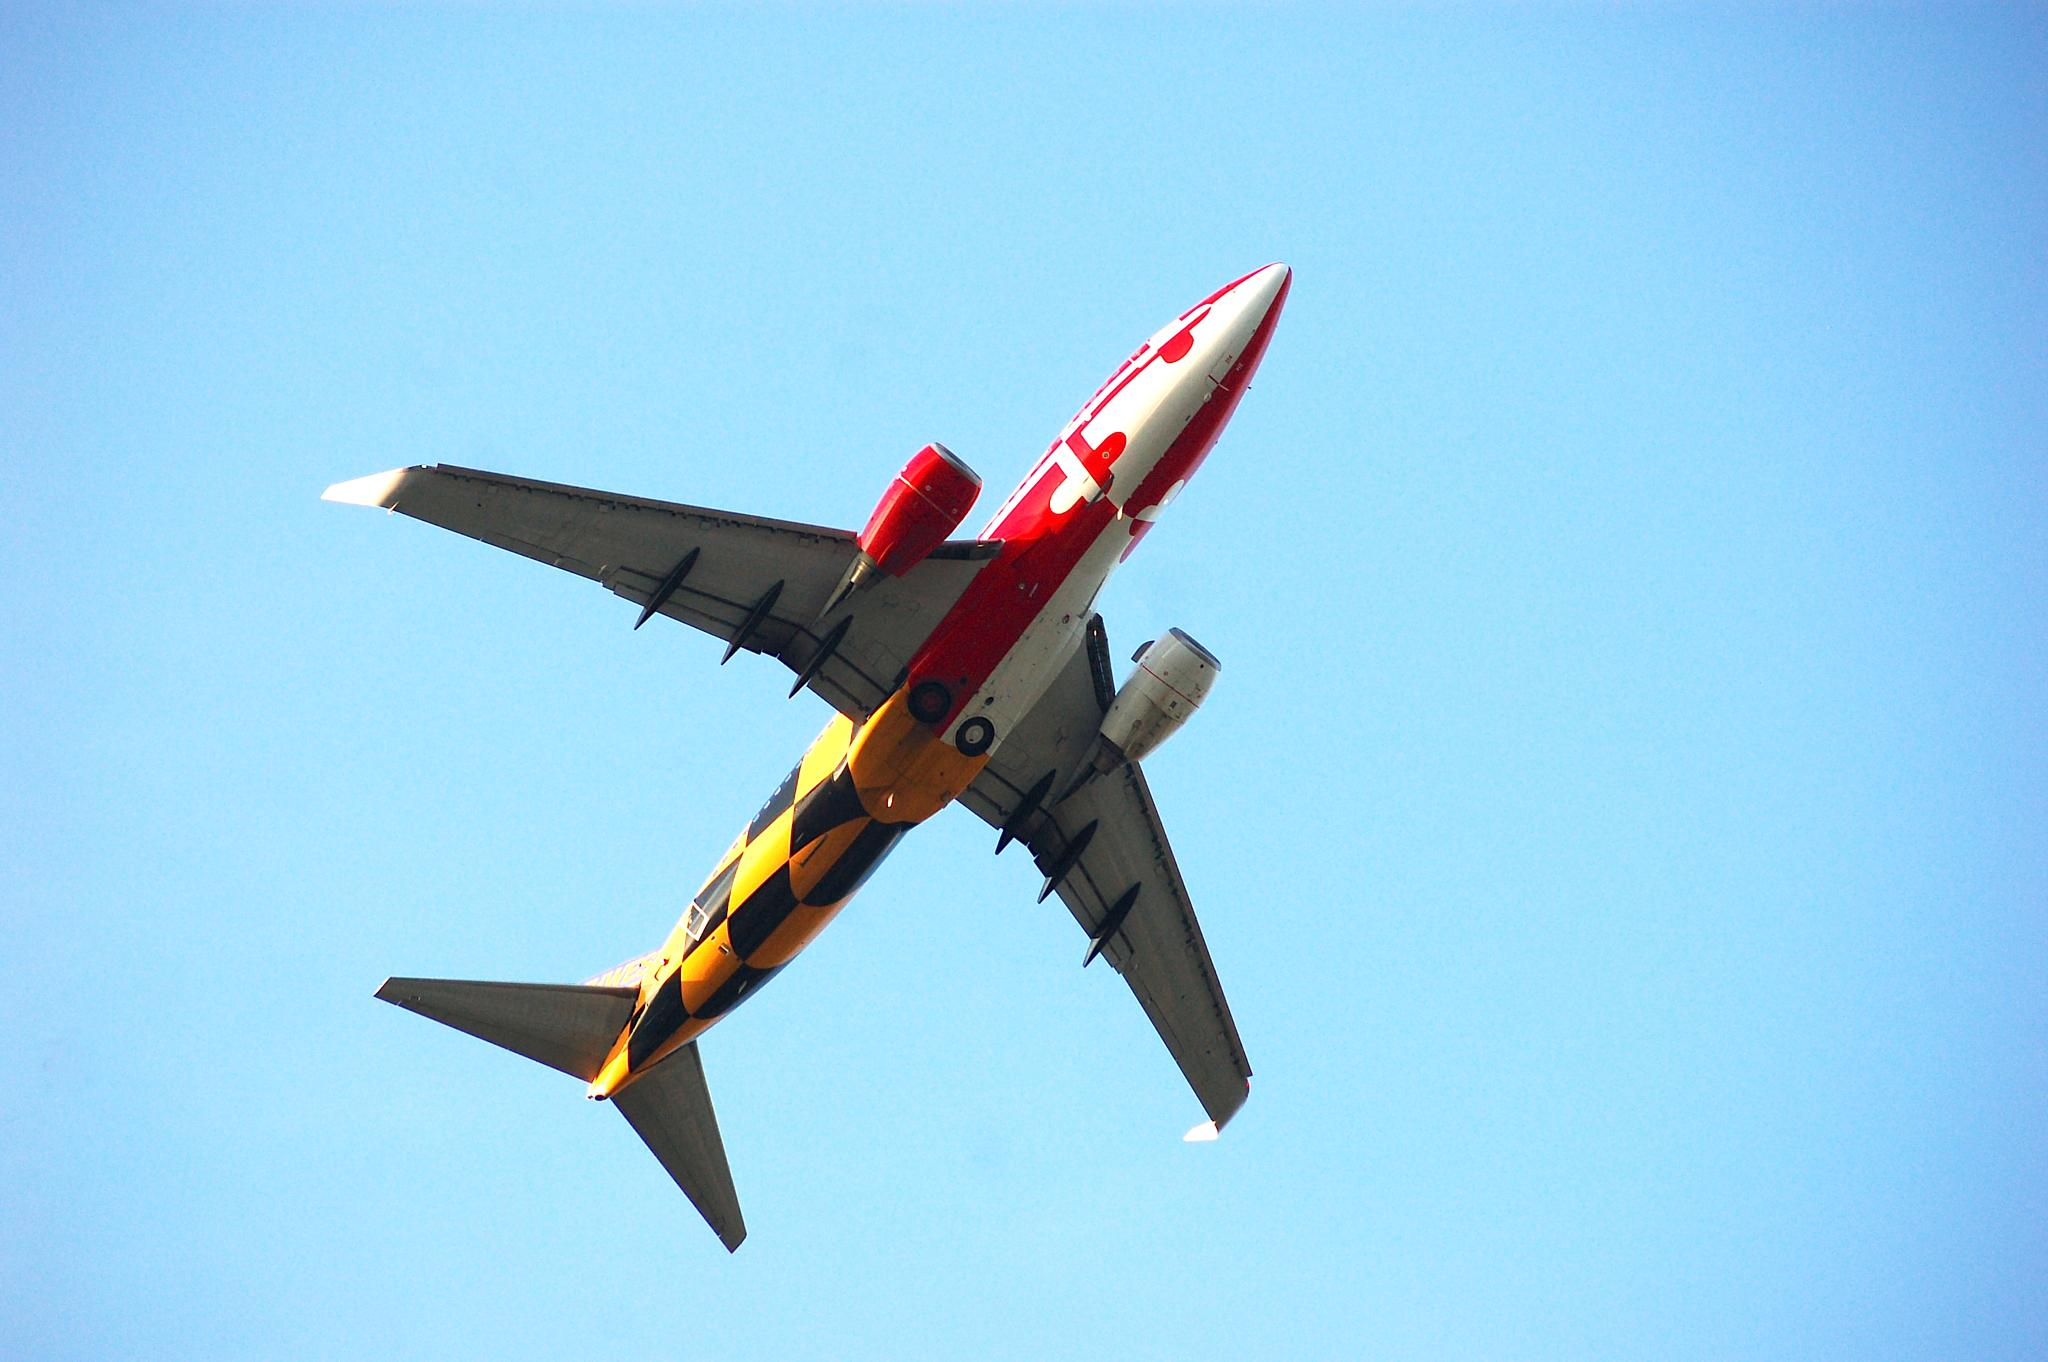 airplane by Deborah J. Moore